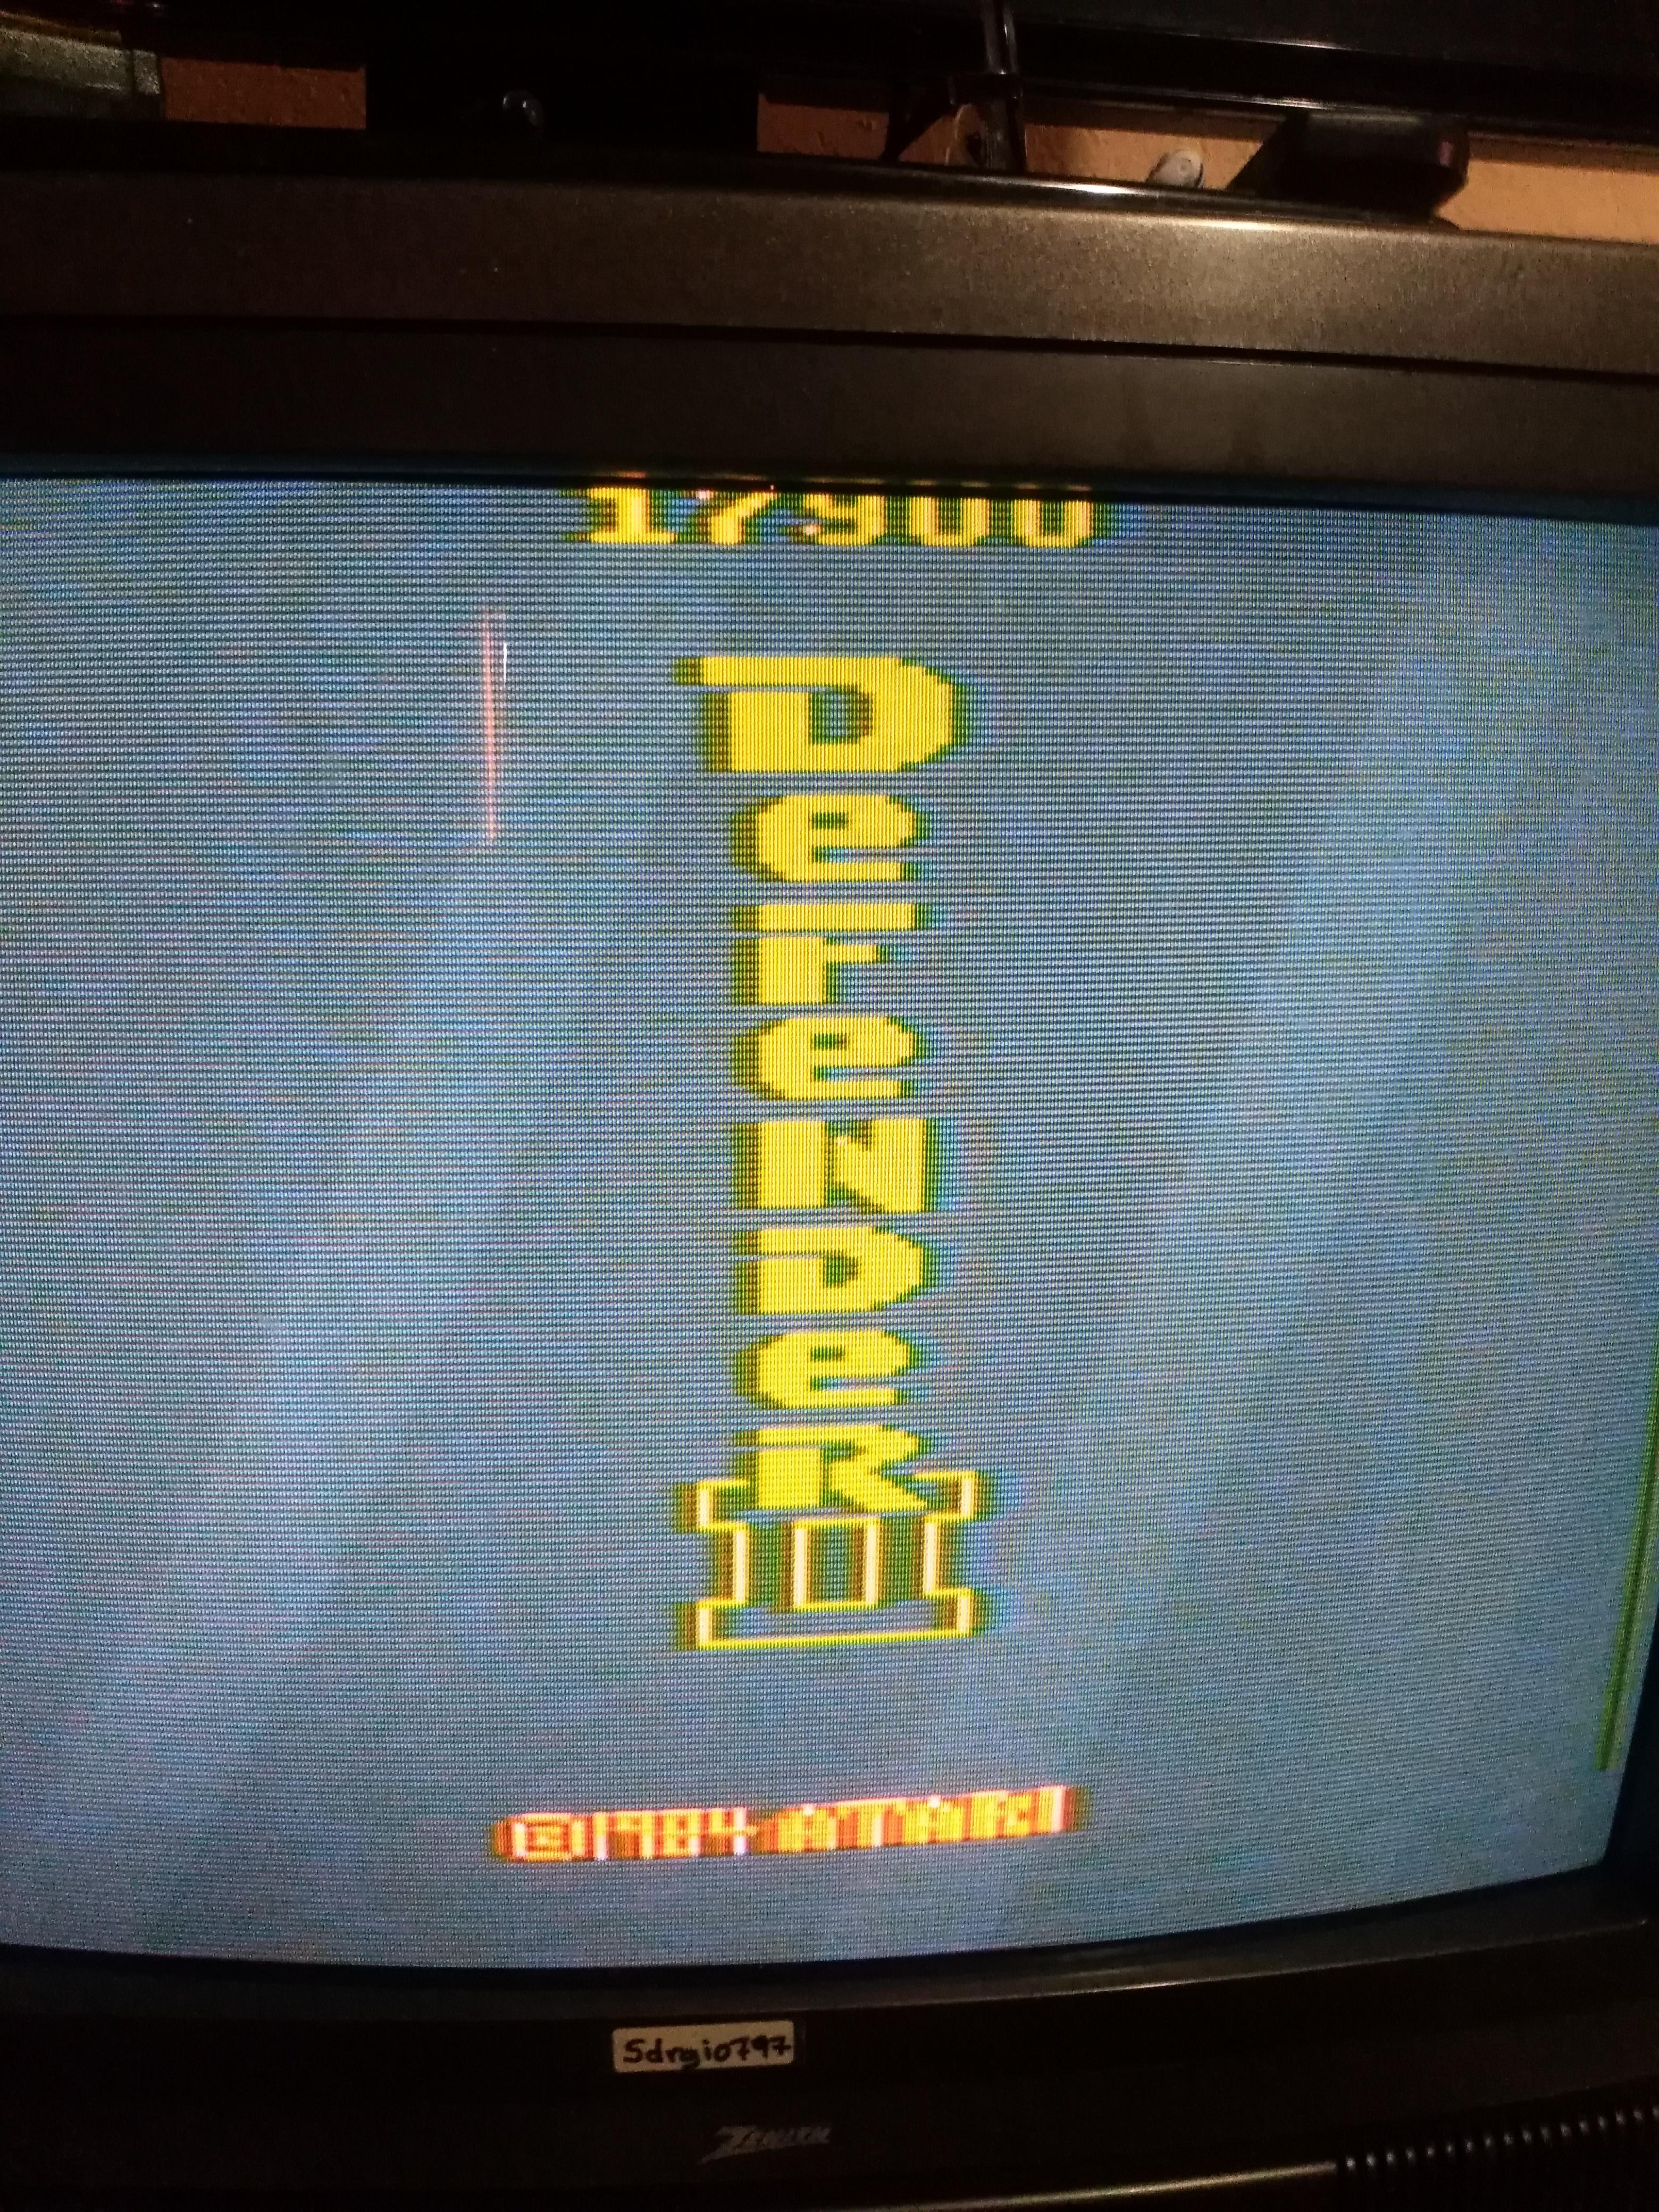 Defender II / Stargate 17,900 points